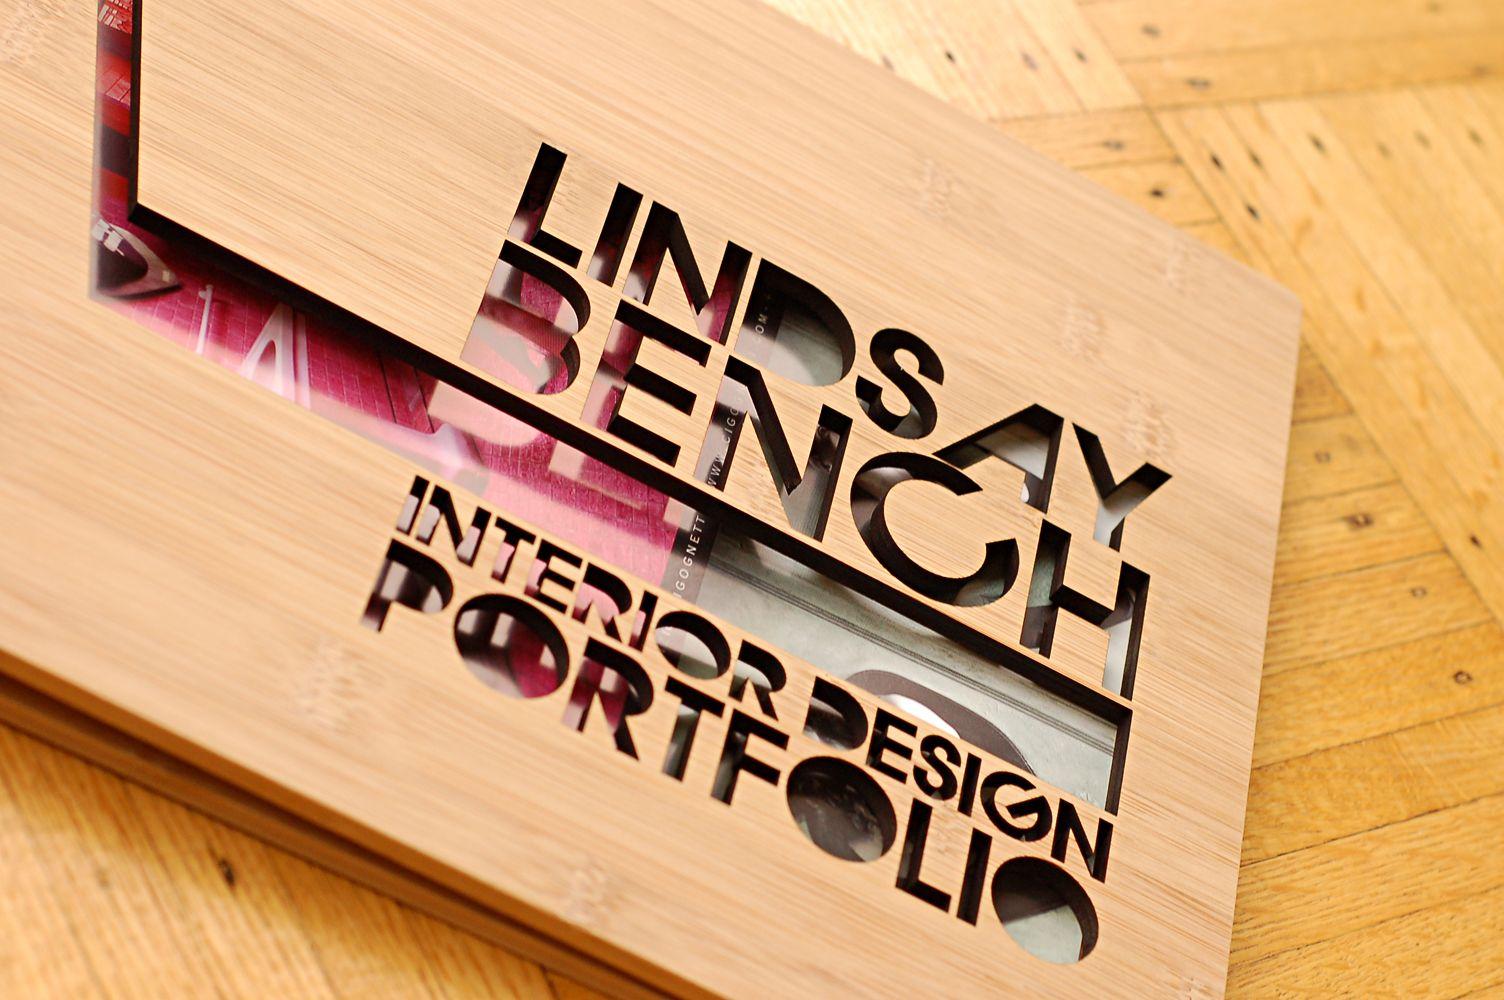 Custom Bamboo Interior Design Portfolio Book | Design portfolios ...